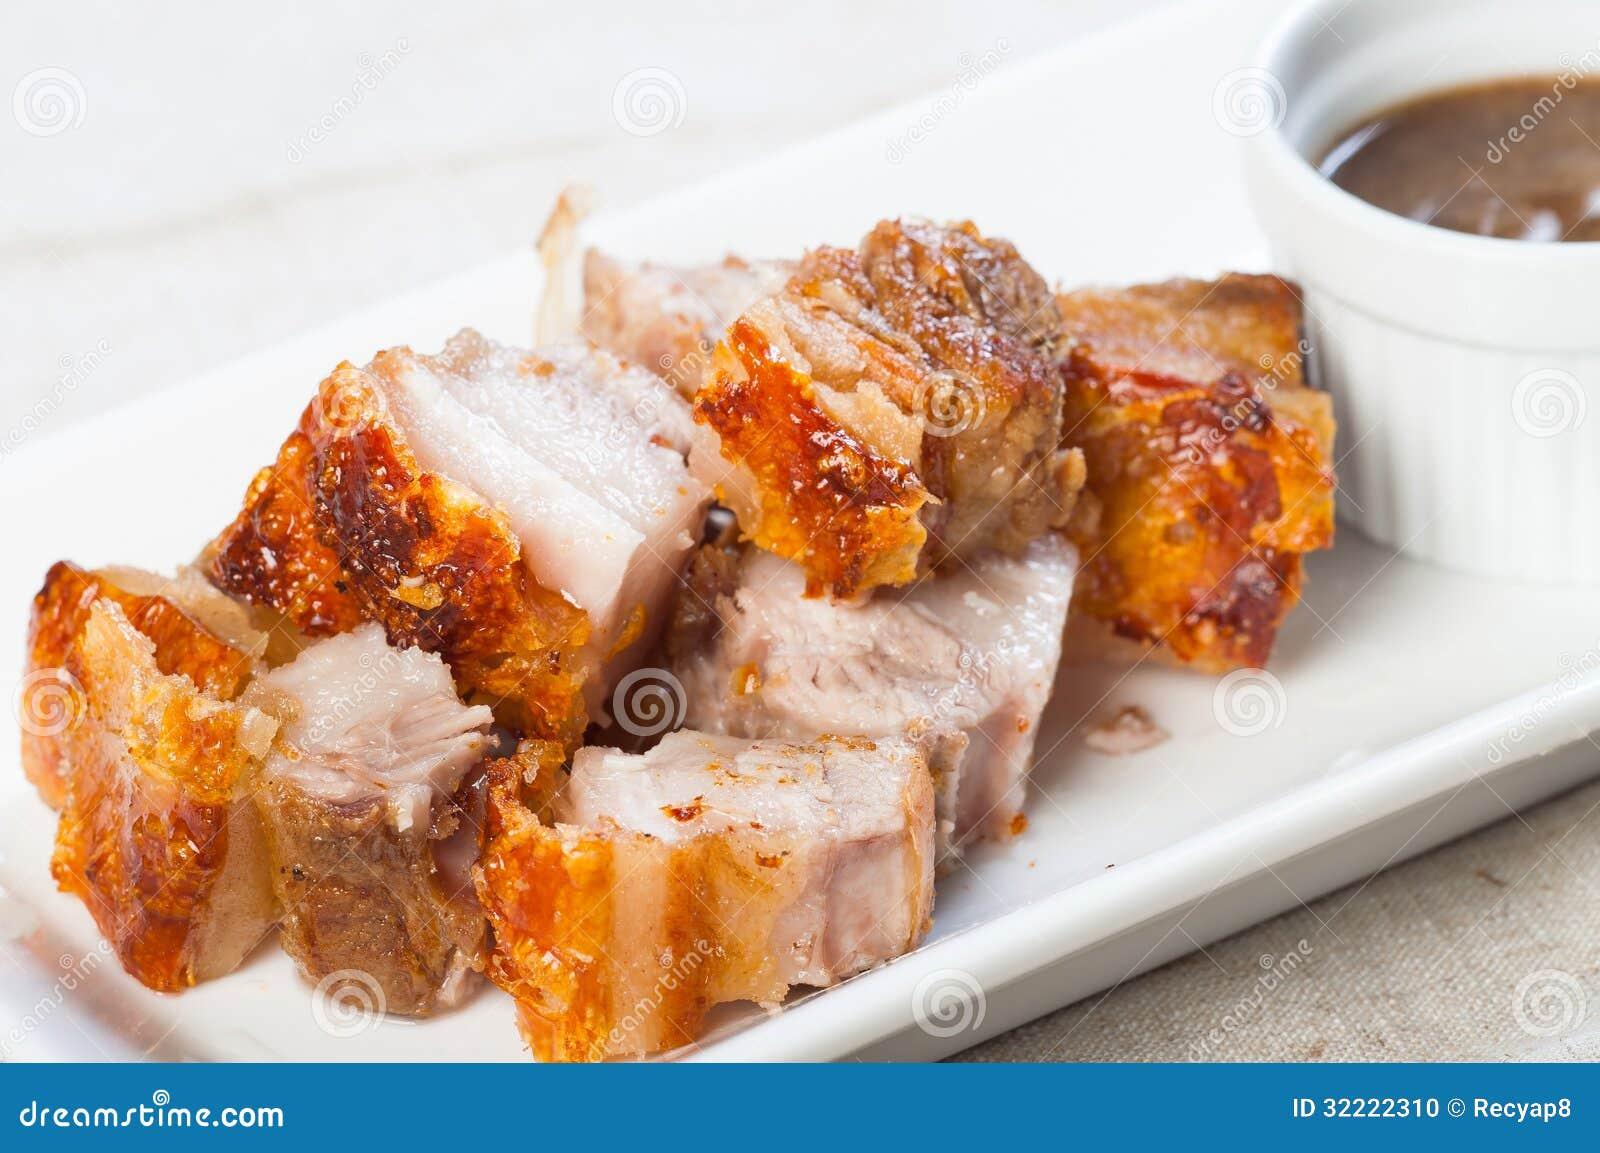 fried chicken liver